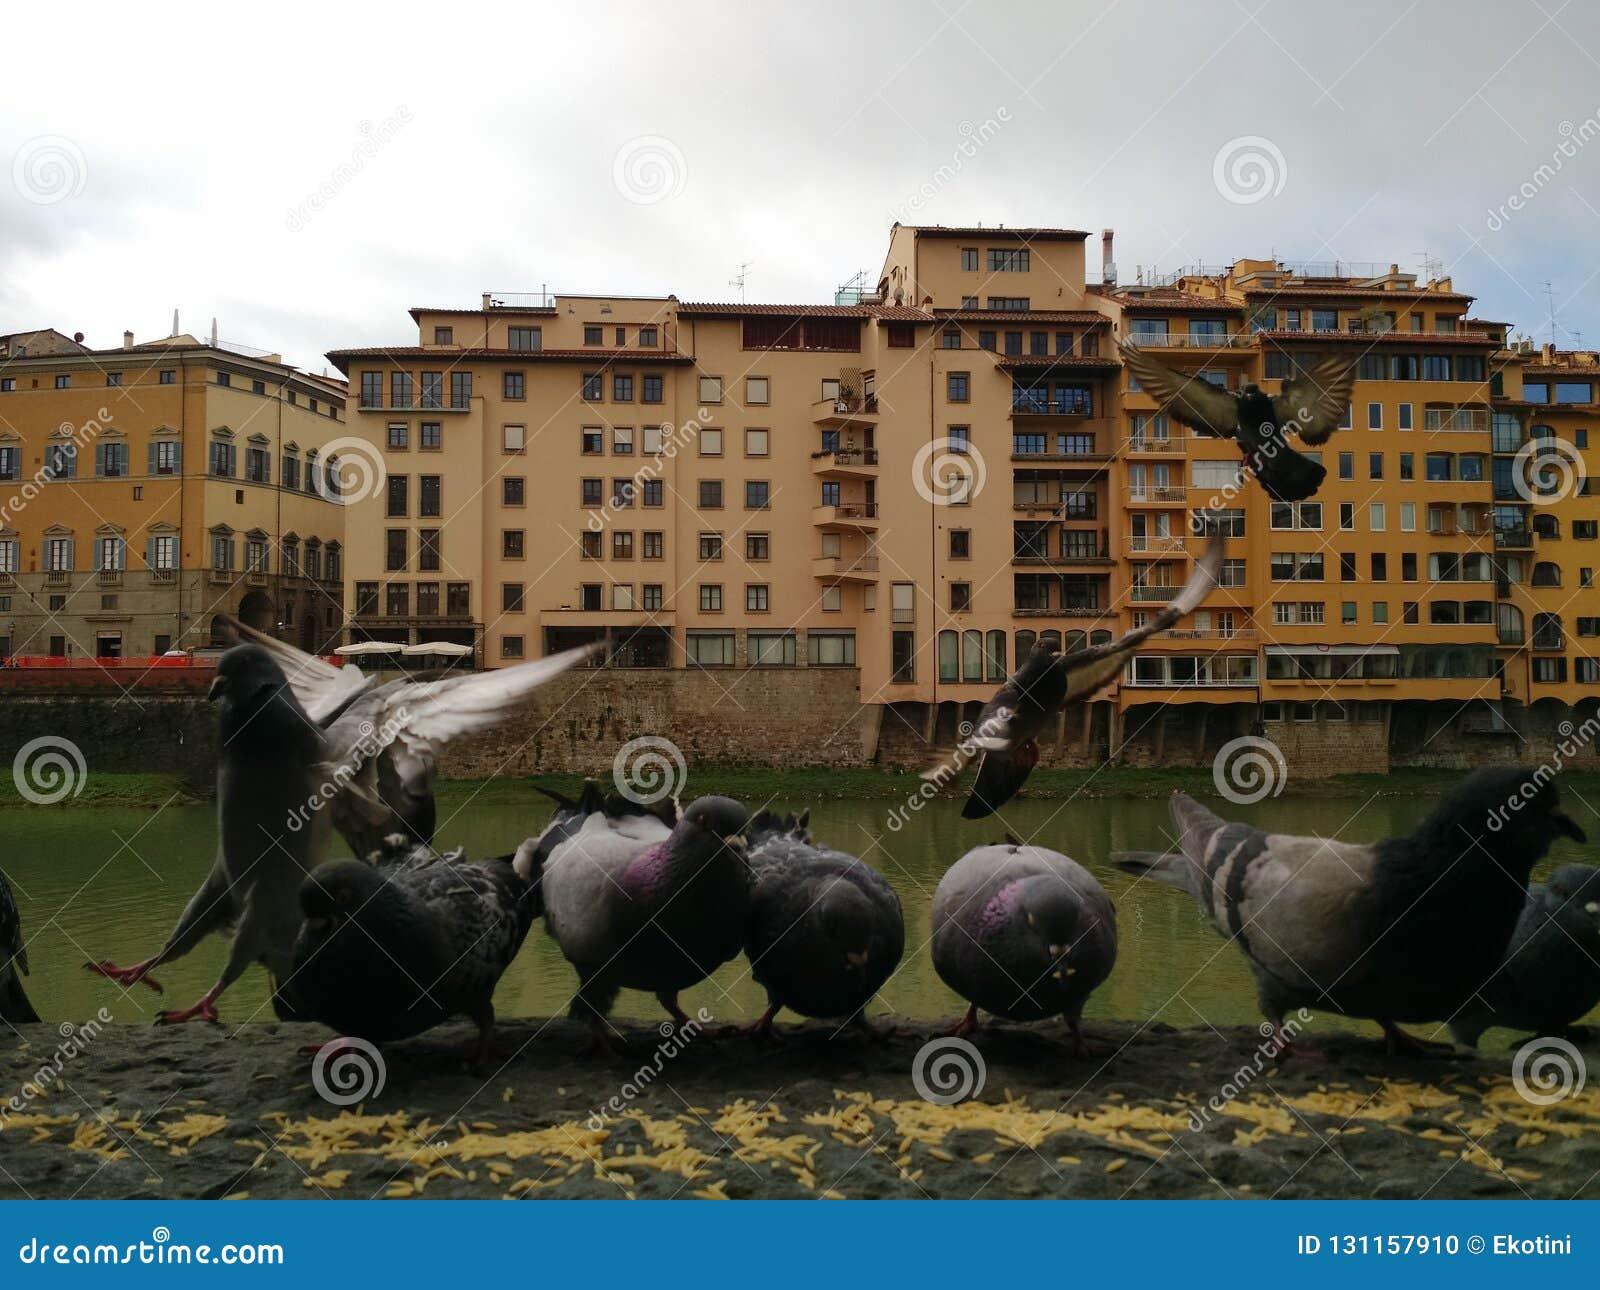 Άποψη του ποταμού Arno με τα περιστέρια στο πρώτο πλάνο, Φλωρεντία, Ιταλία